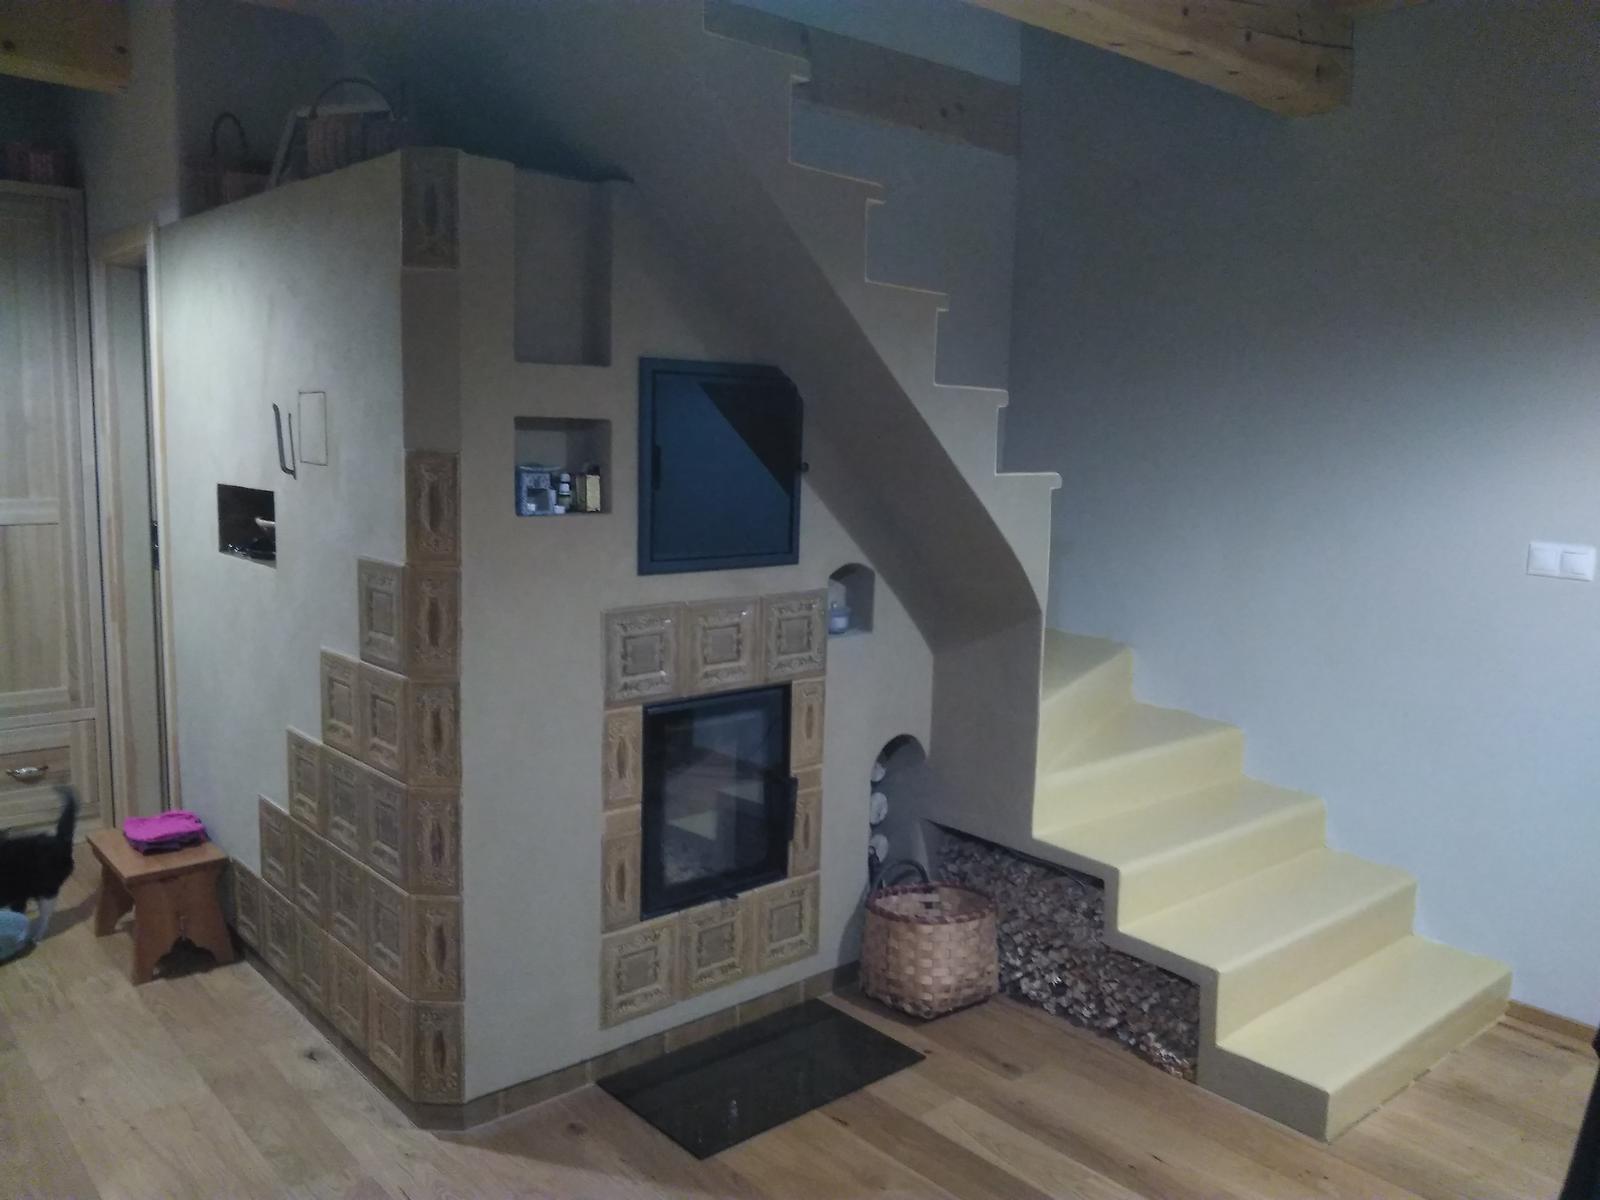 flamaecol - Hlinenná pec so schodiskom, teplovodným výmenníkom, sušiarňou, odkladacími a úložnými plochami